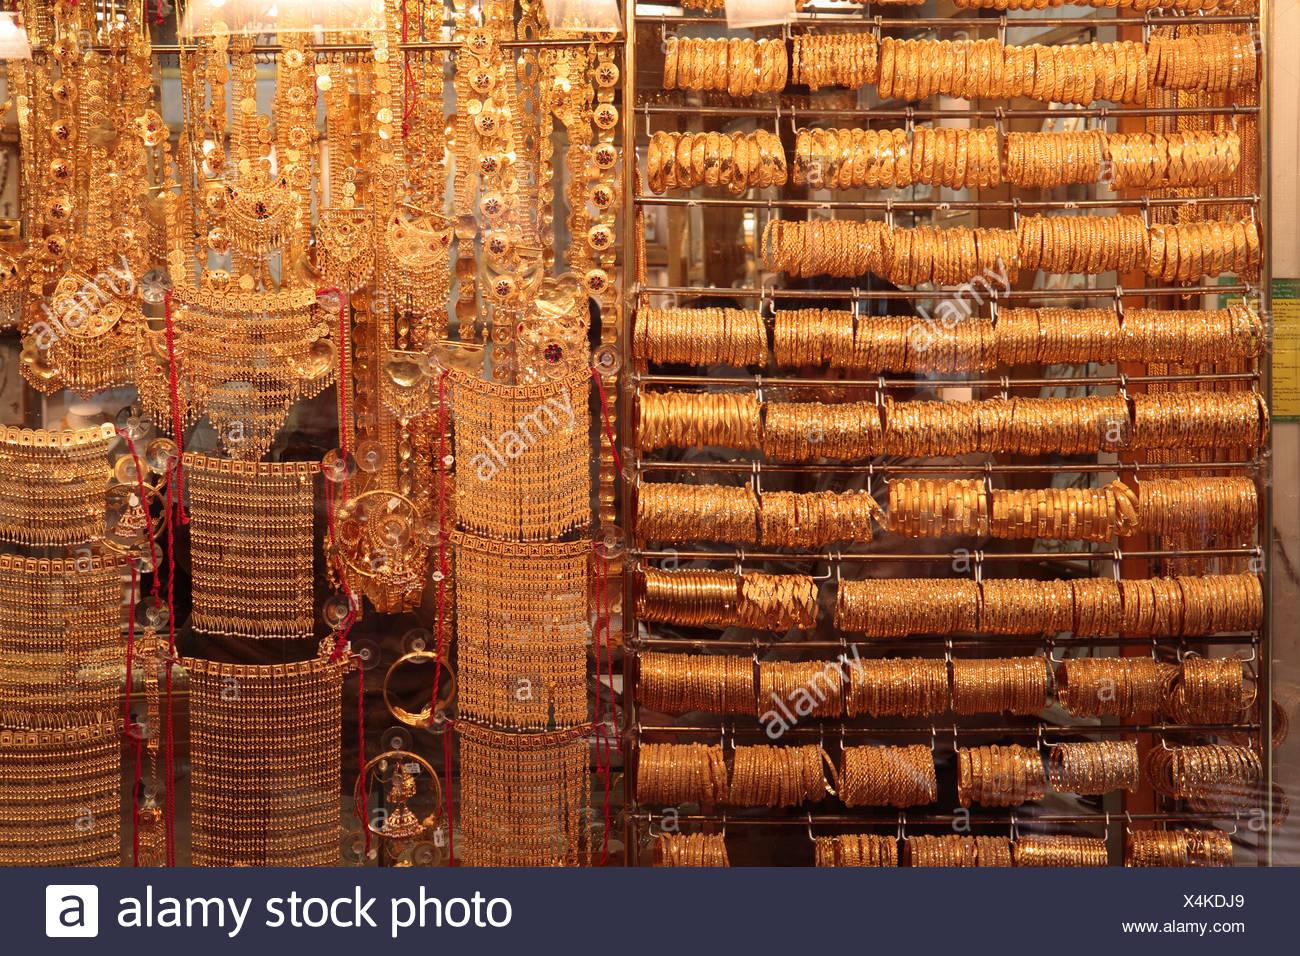 Gold Souk, Dubai, United Arab Emirates, Middle East - Stock Image